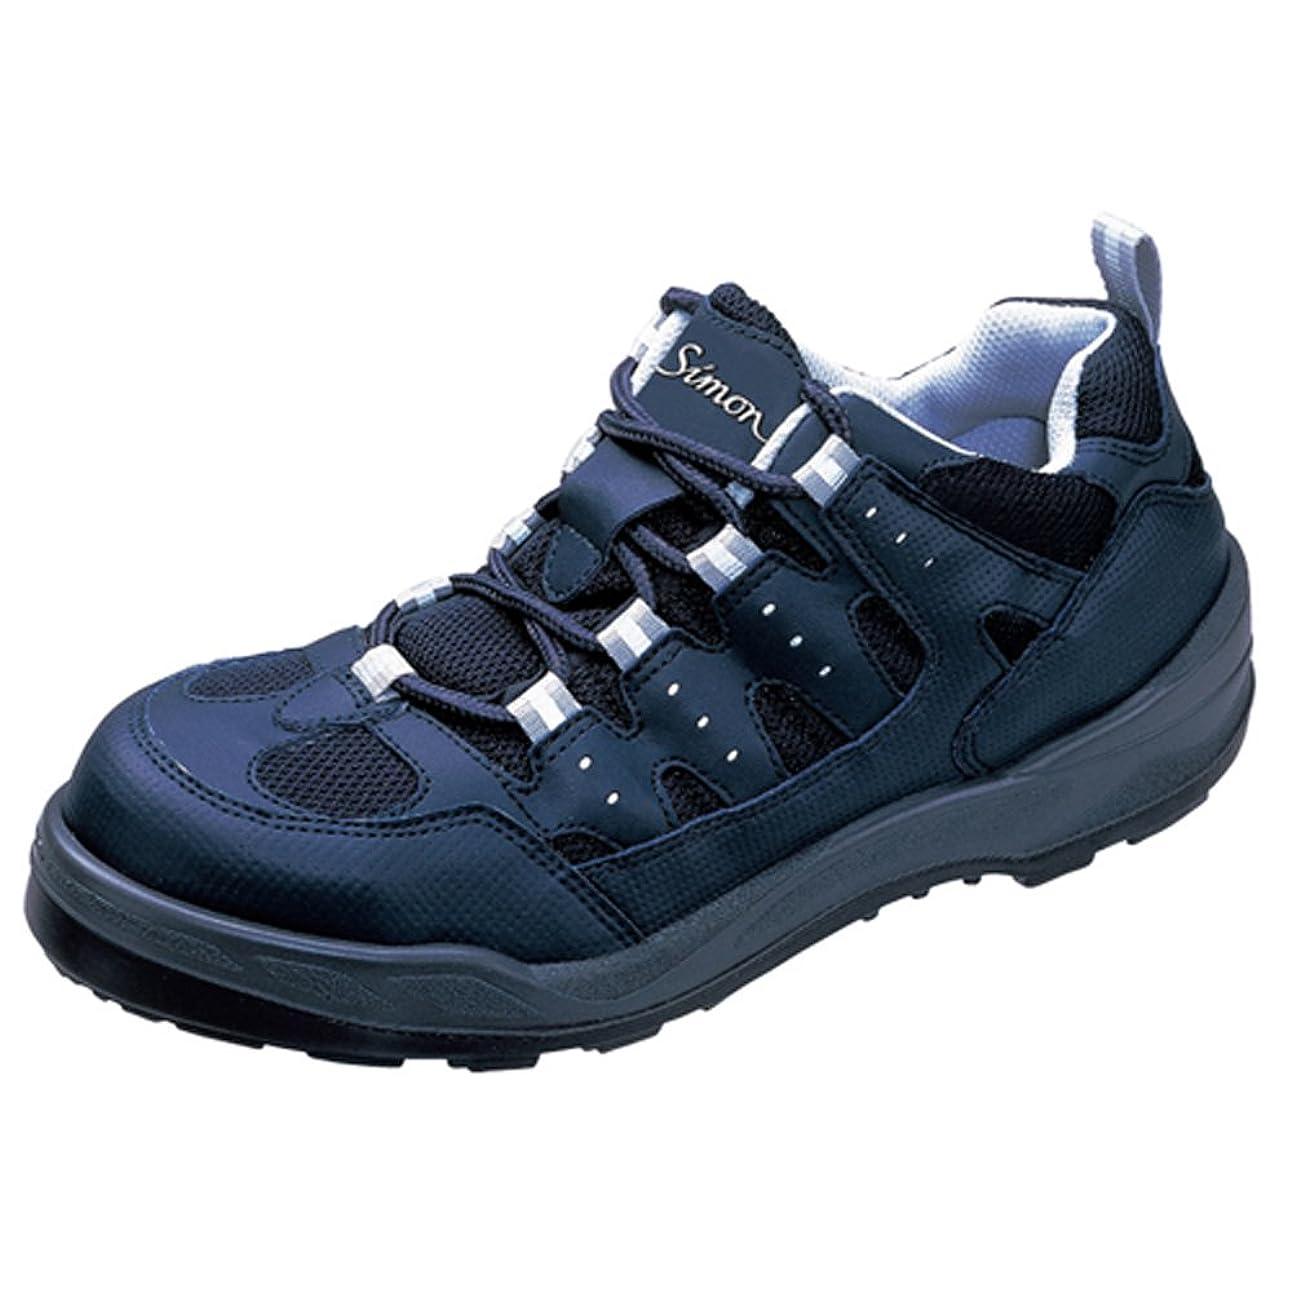 彫刻決めますナラーバー【8800】短靴 発泡ポリウレタン2層底を採用 軽量でクッション性と耐摩耗性に優れる